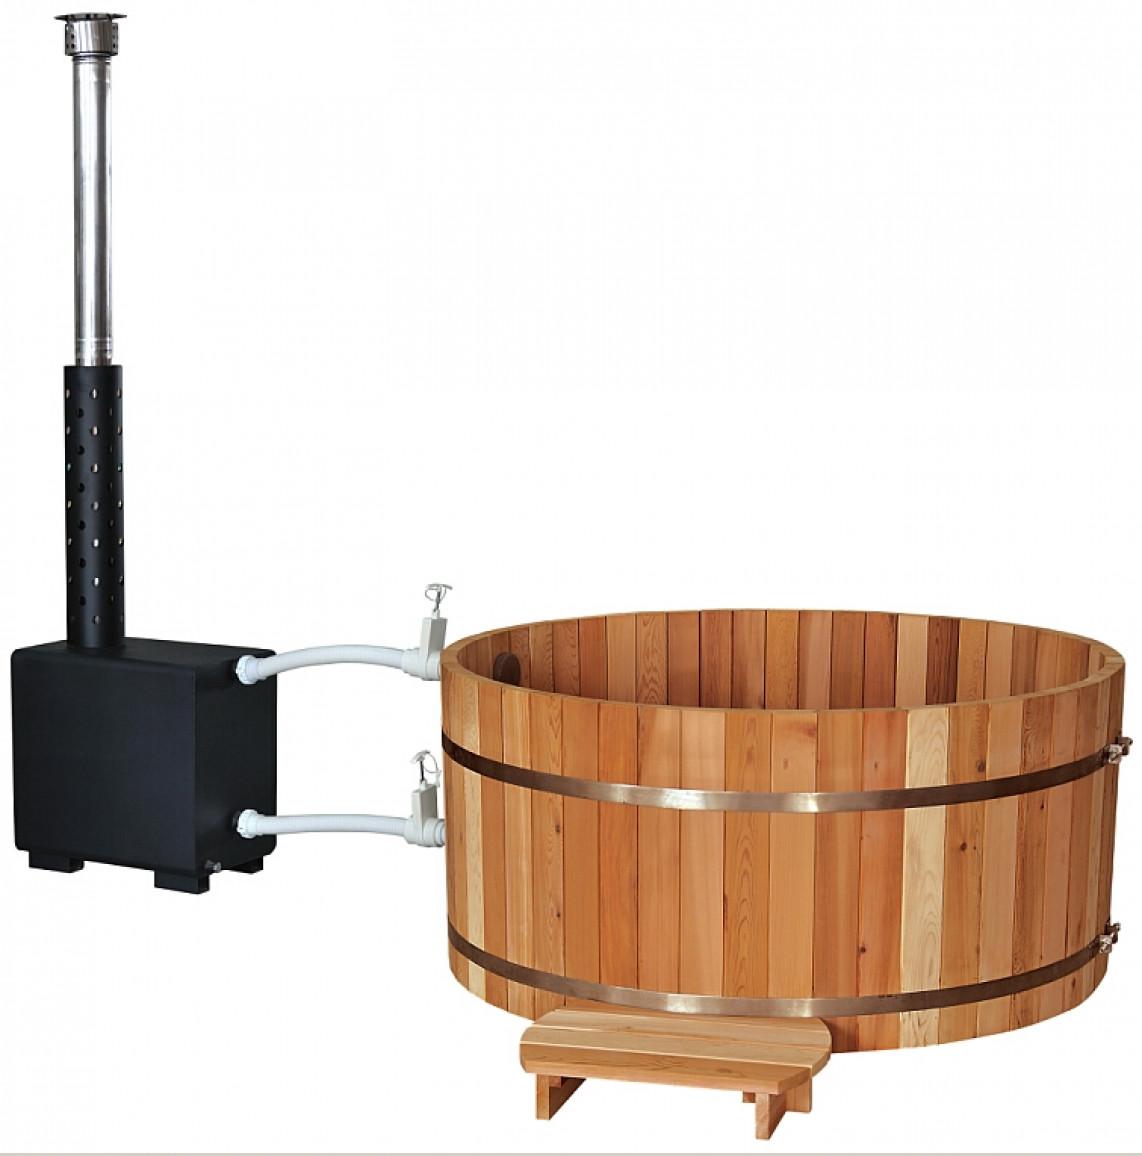 Купель PREMIO, с подогревом (выносная печь), выс. 1,0 м, канадский кедр